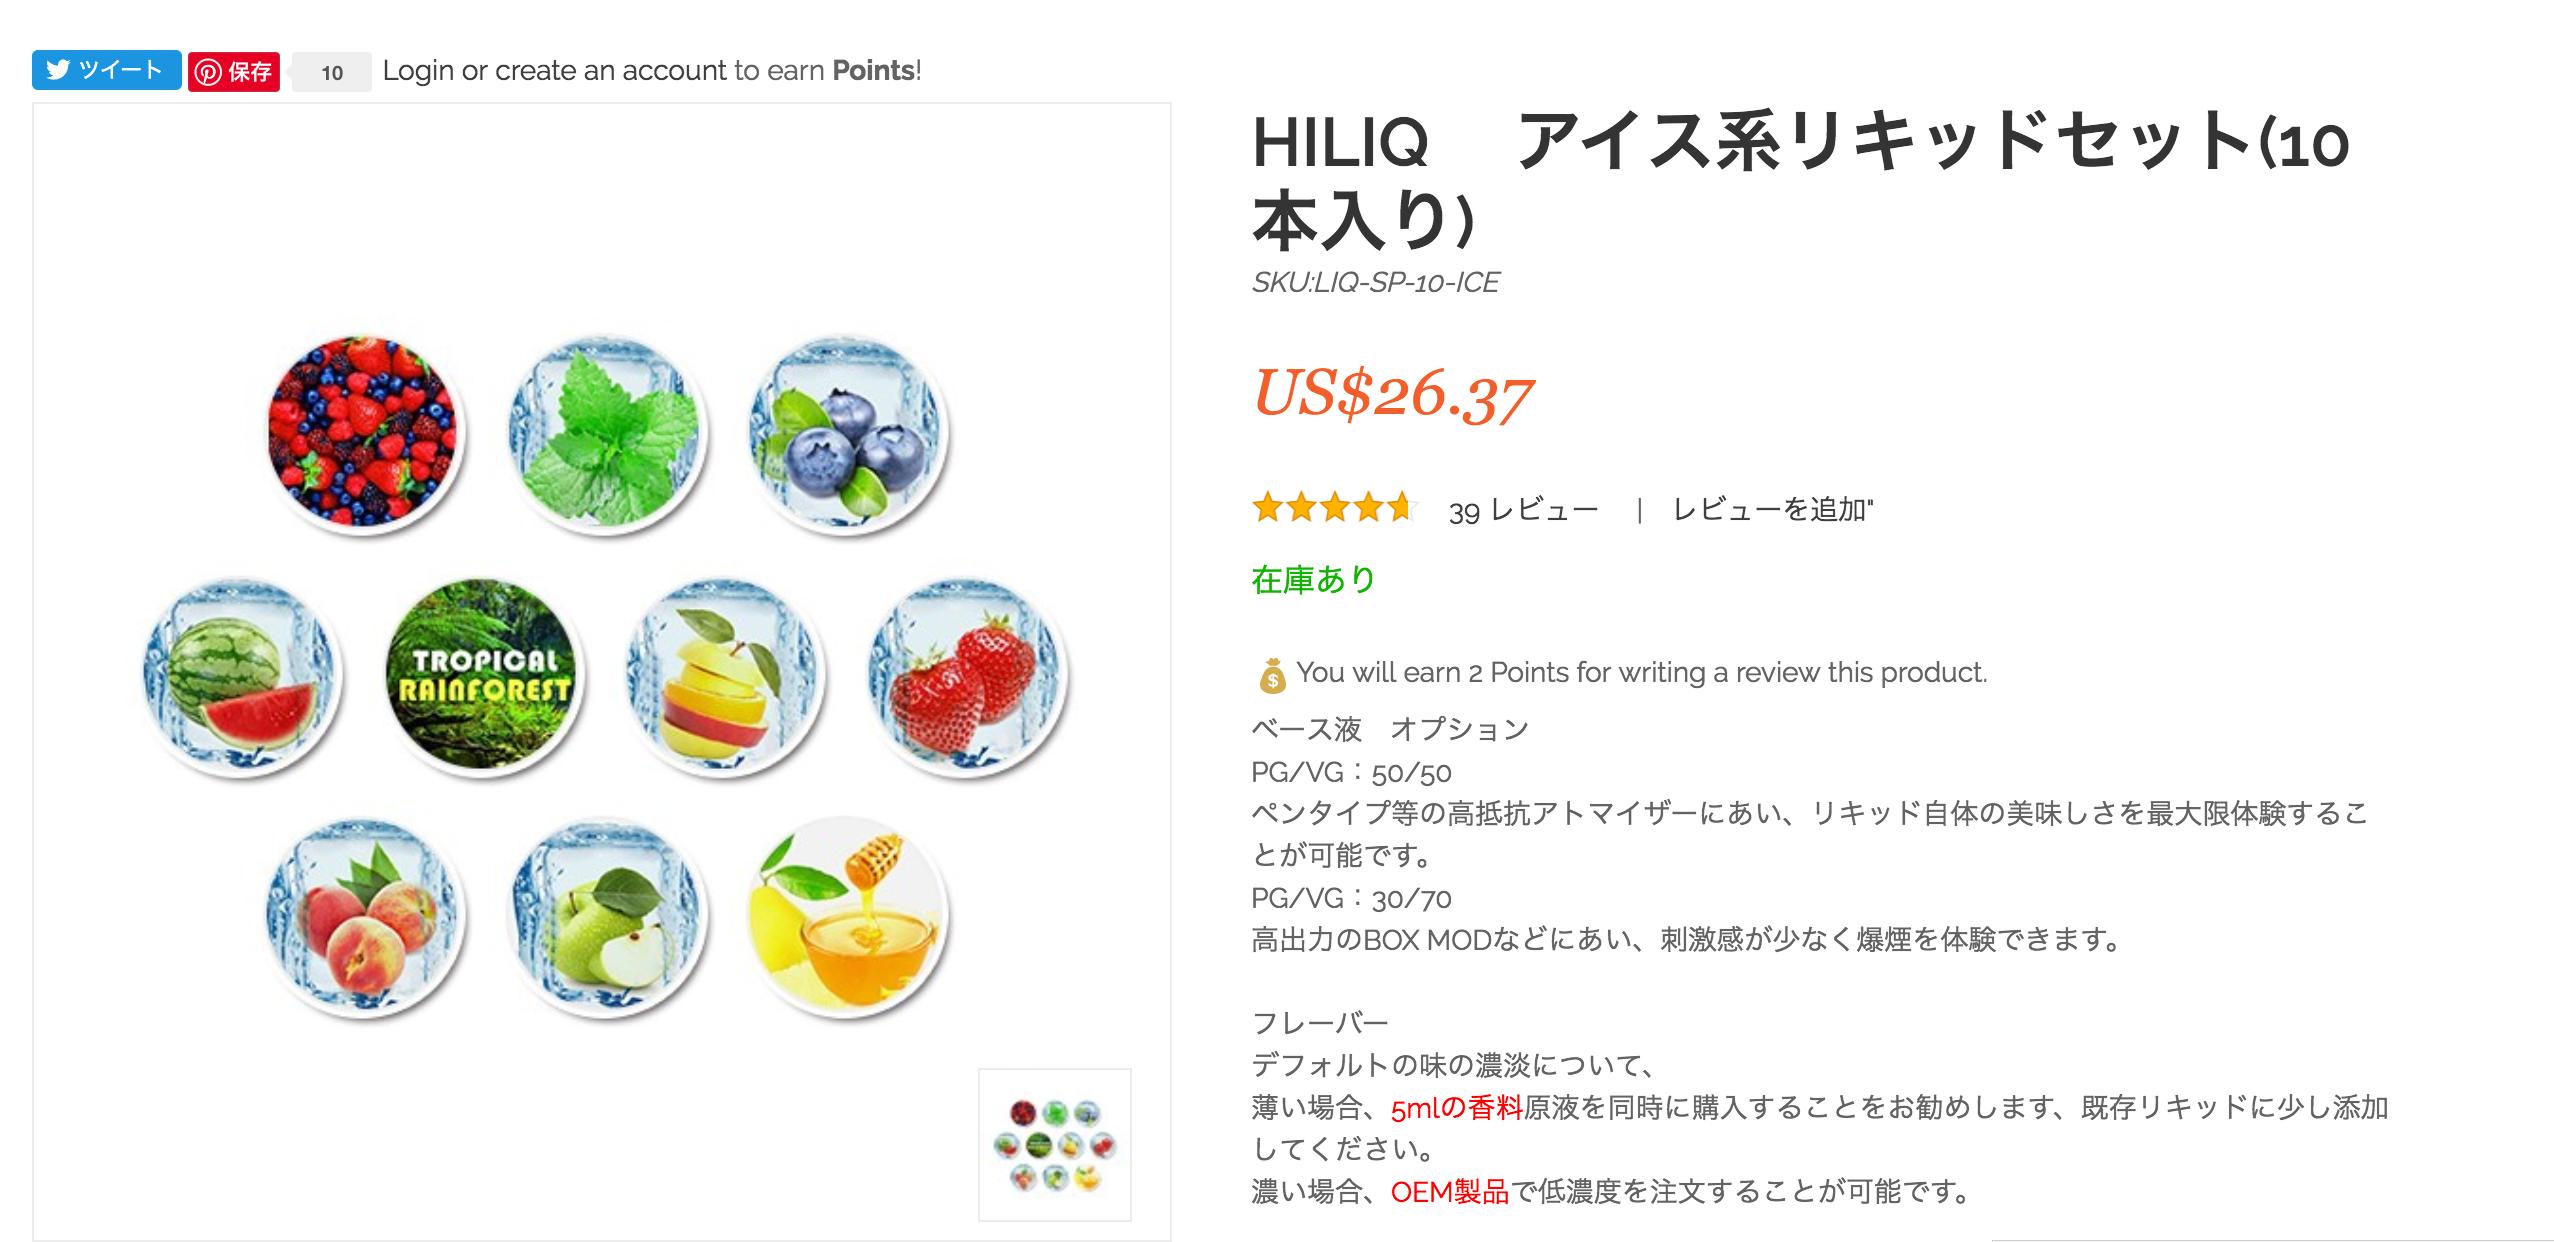 HiLIQおすすめセット